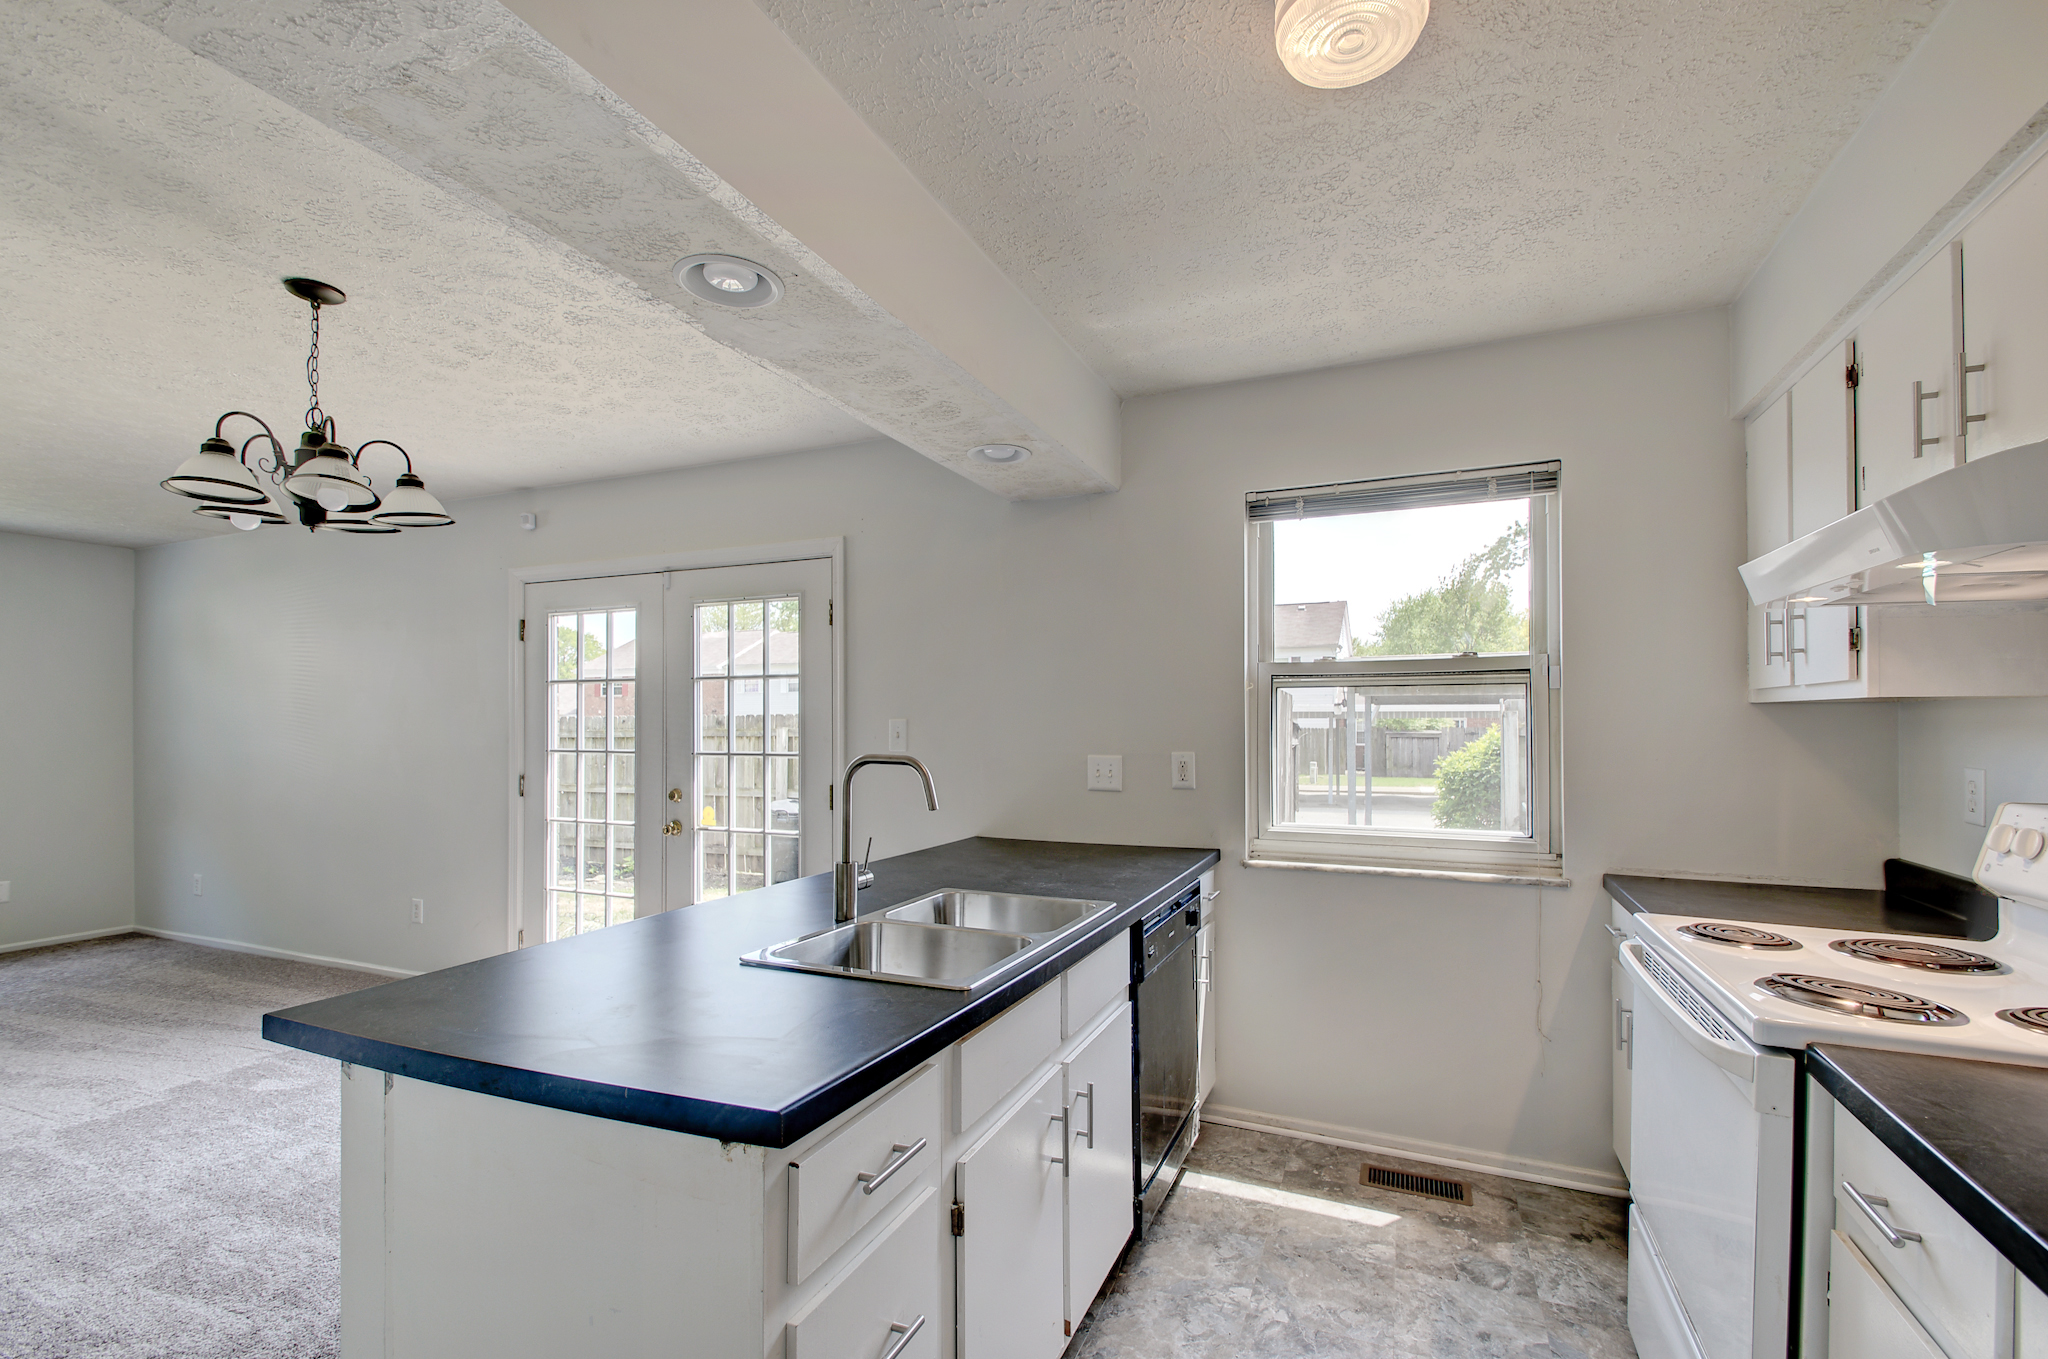 11-Kitchen View 2.jpg